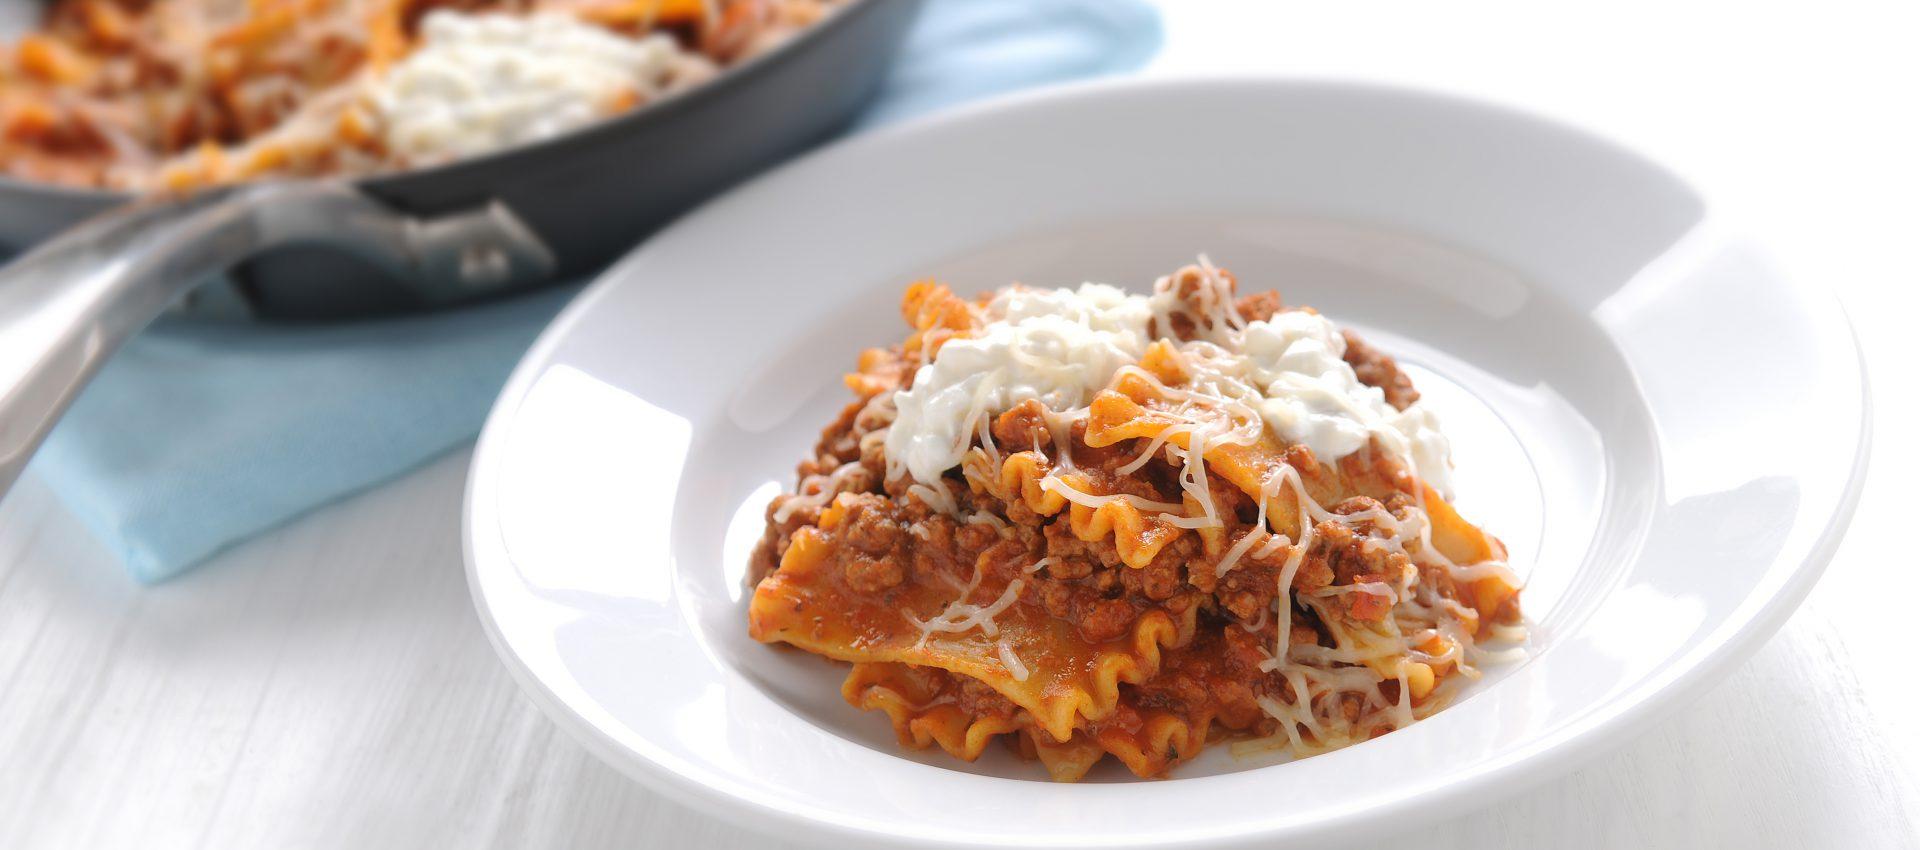 Lasagna_Skillet_1_HR-1920x850 Italian Skillet Lasagna